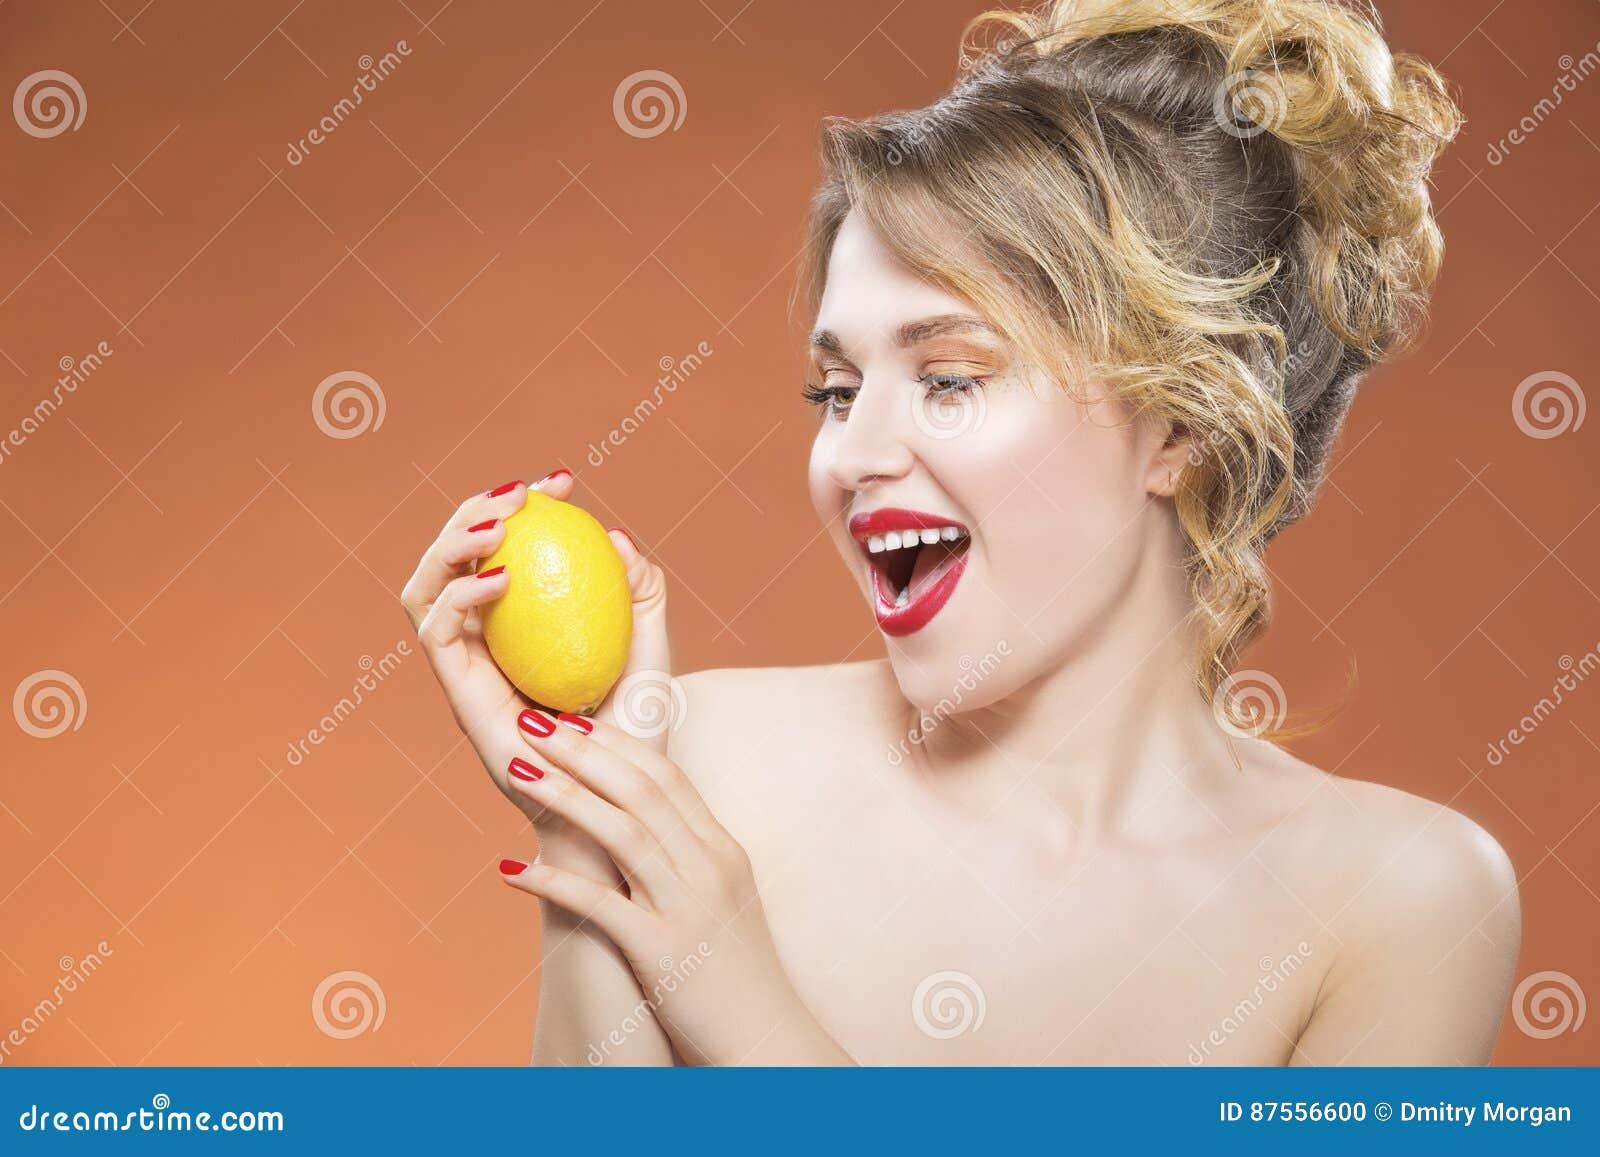 Ελεύθερα λεσβία φιλενάδα πορνό